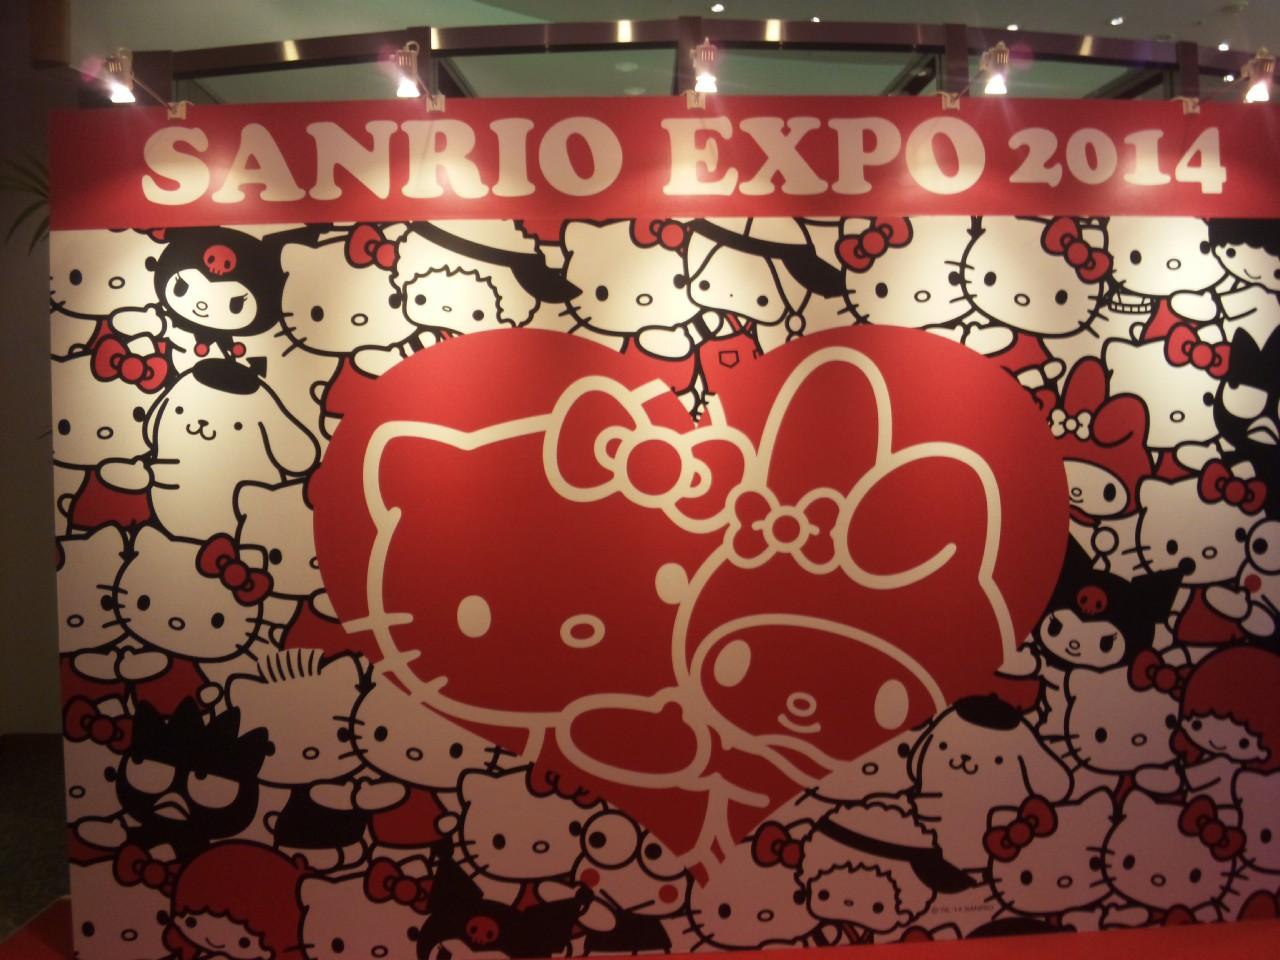 SANRIO EXPO 2014!